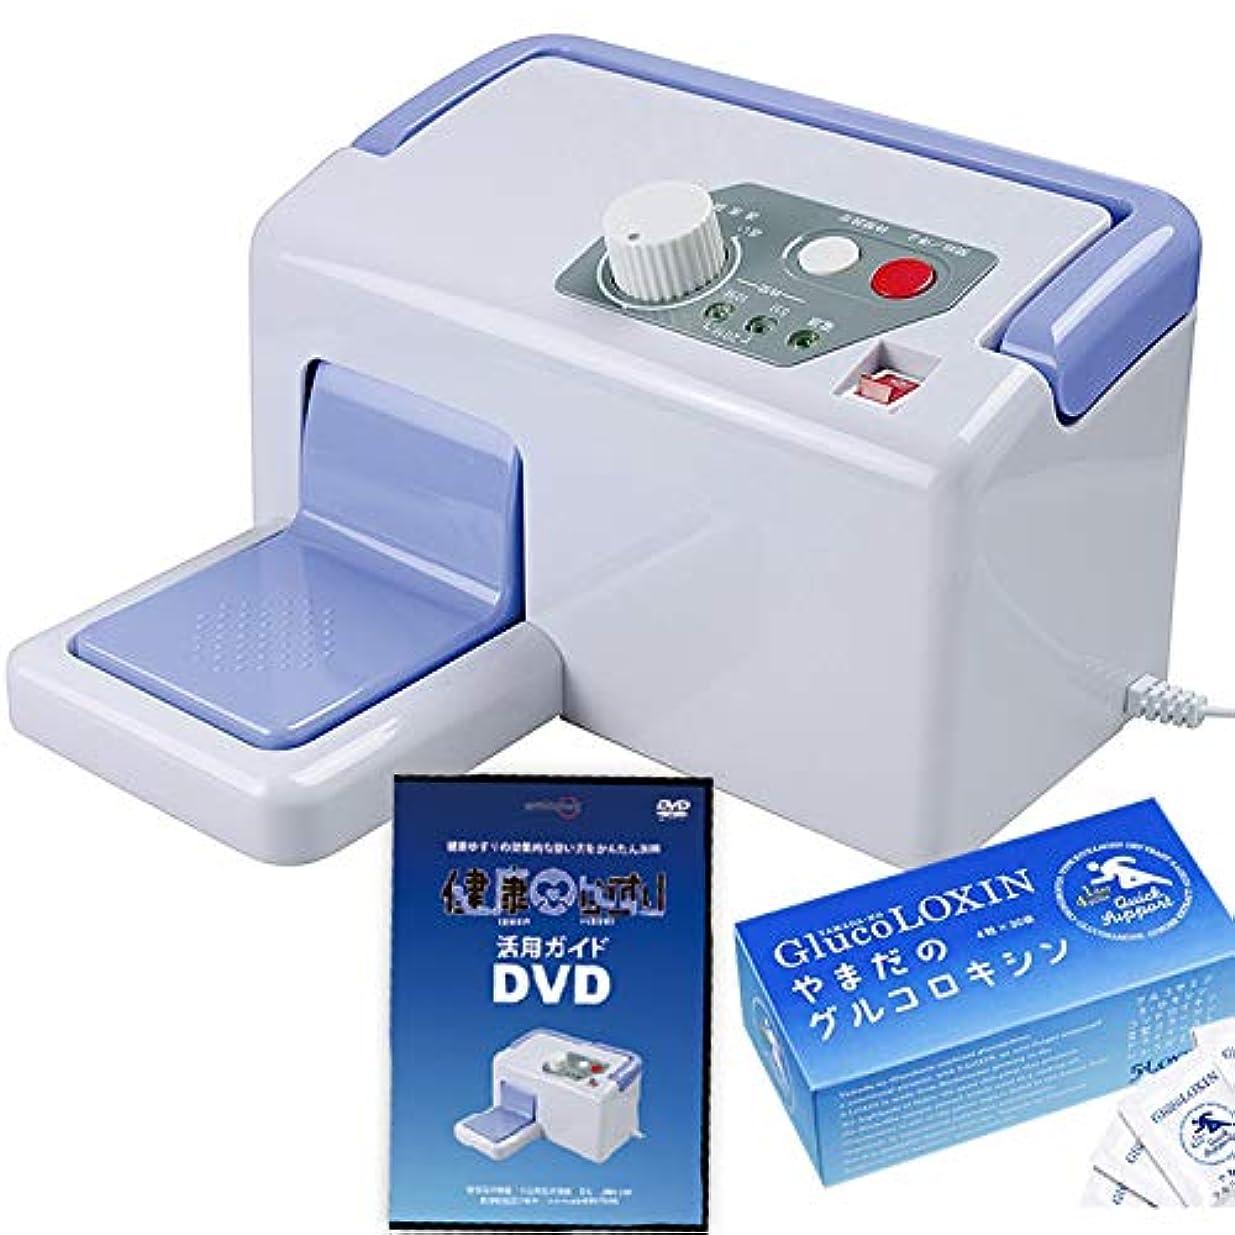 実験室にはまって僕の健康ゆすり JMH-100「活用ガイド」DVD特典付き グルコロキシン30包特典付き 1年間保証書 使用ガイド 5点セット